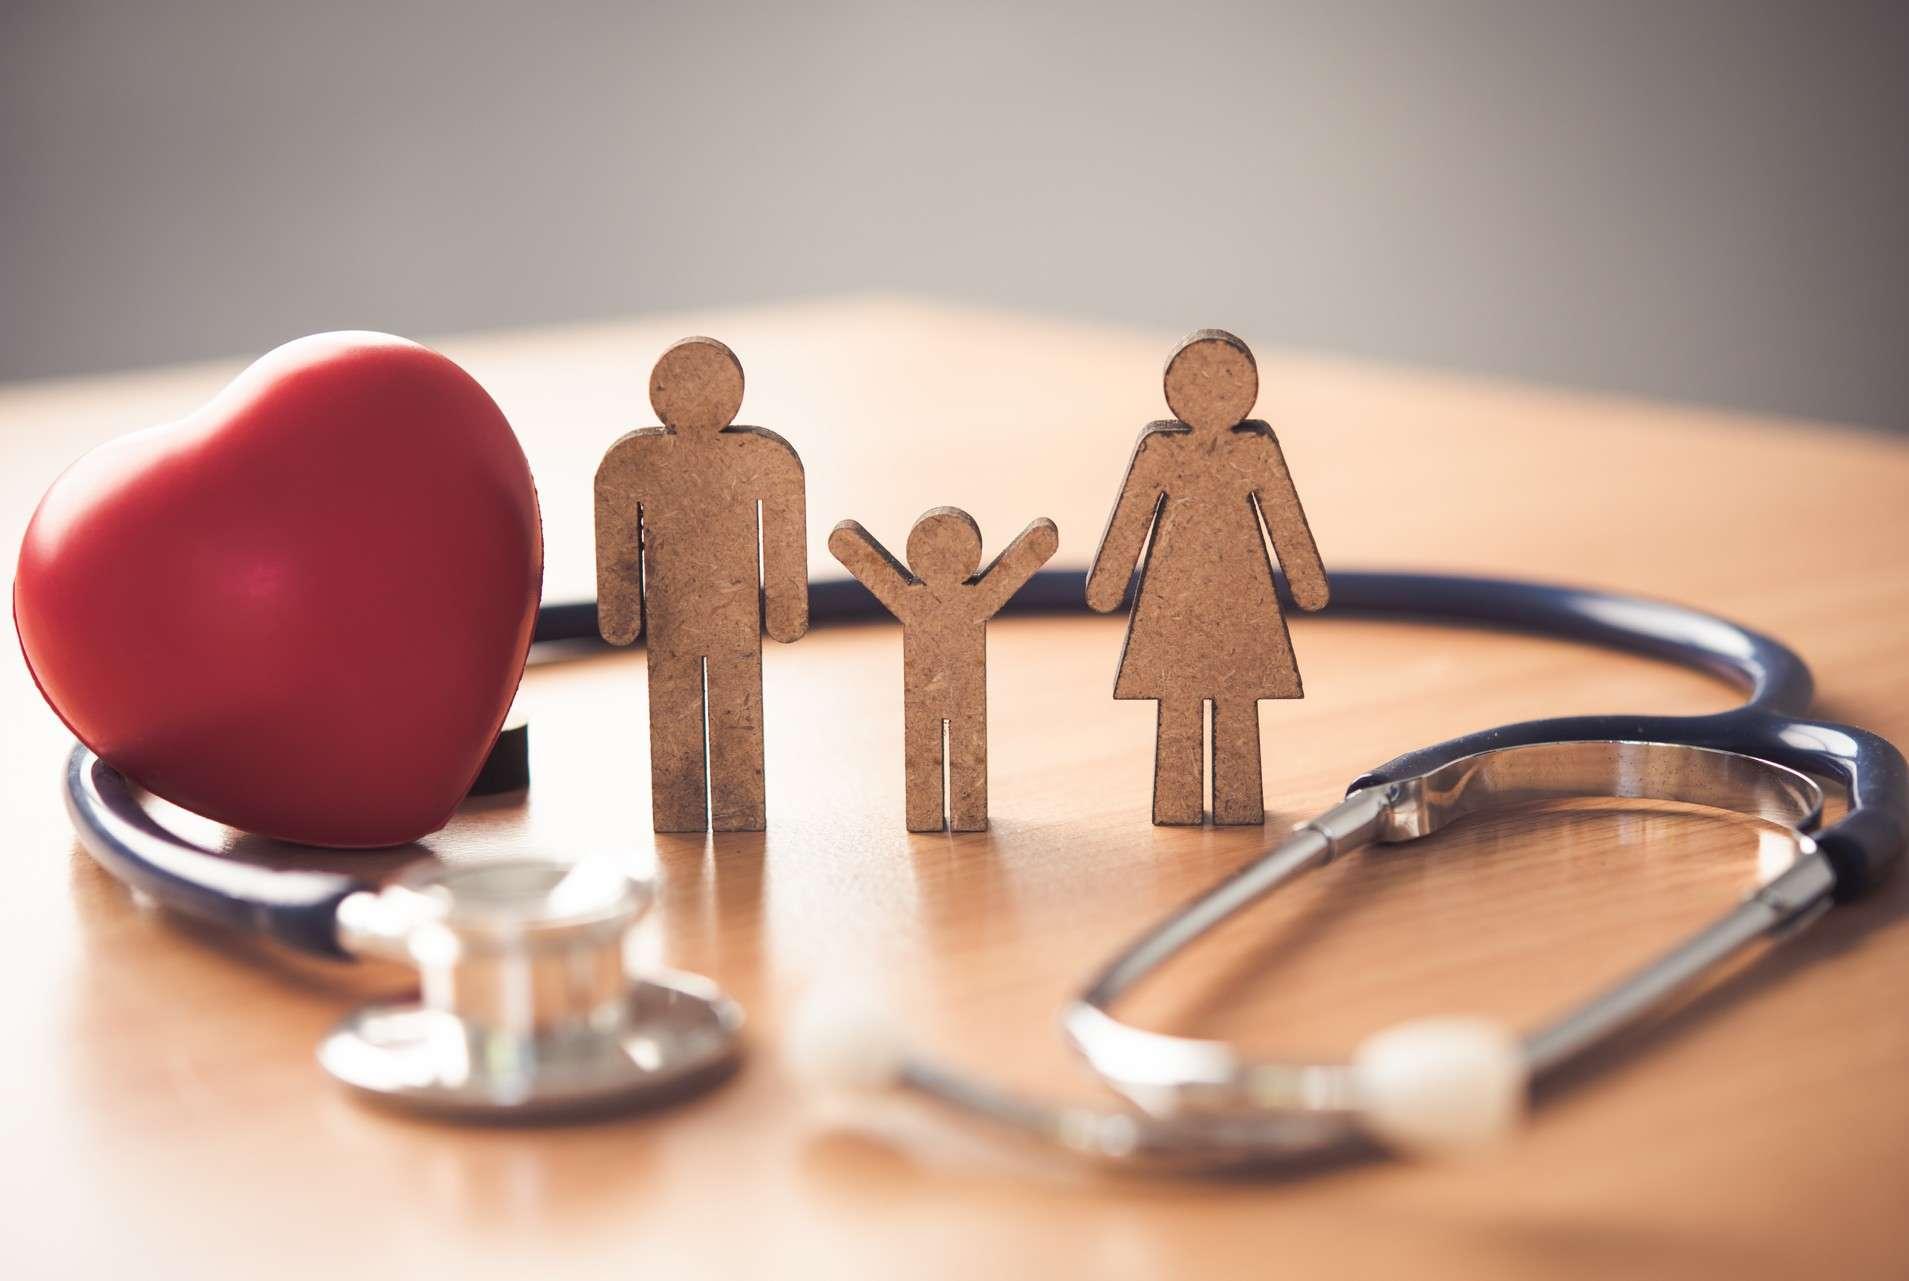 Expat Hospitalisation Insurance in Singapore